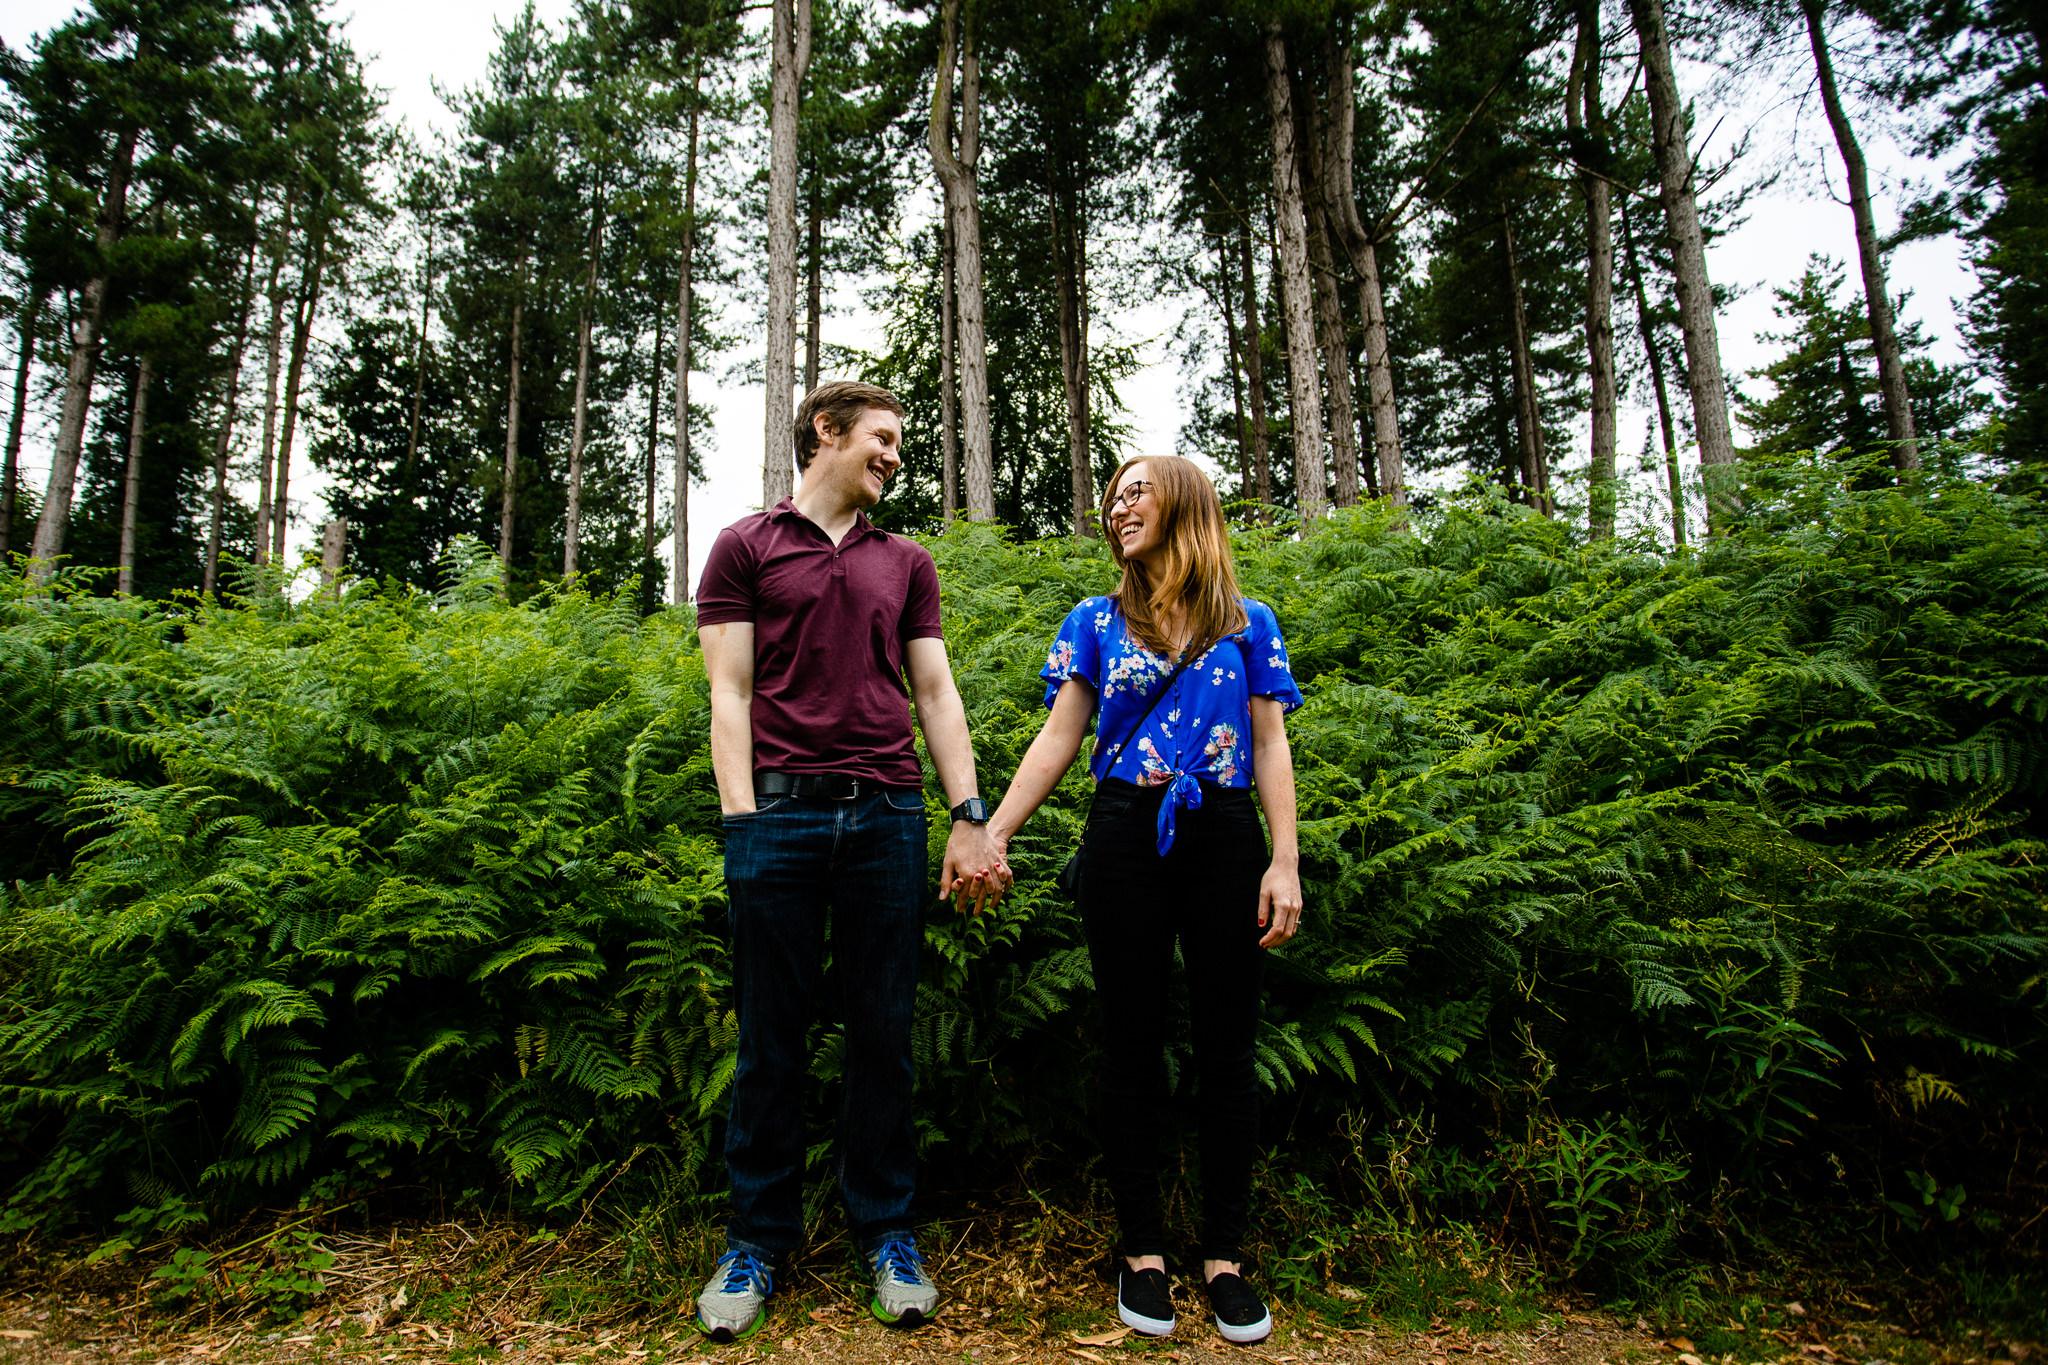 Nicola-and-Dave-PreWedding-78.jpg